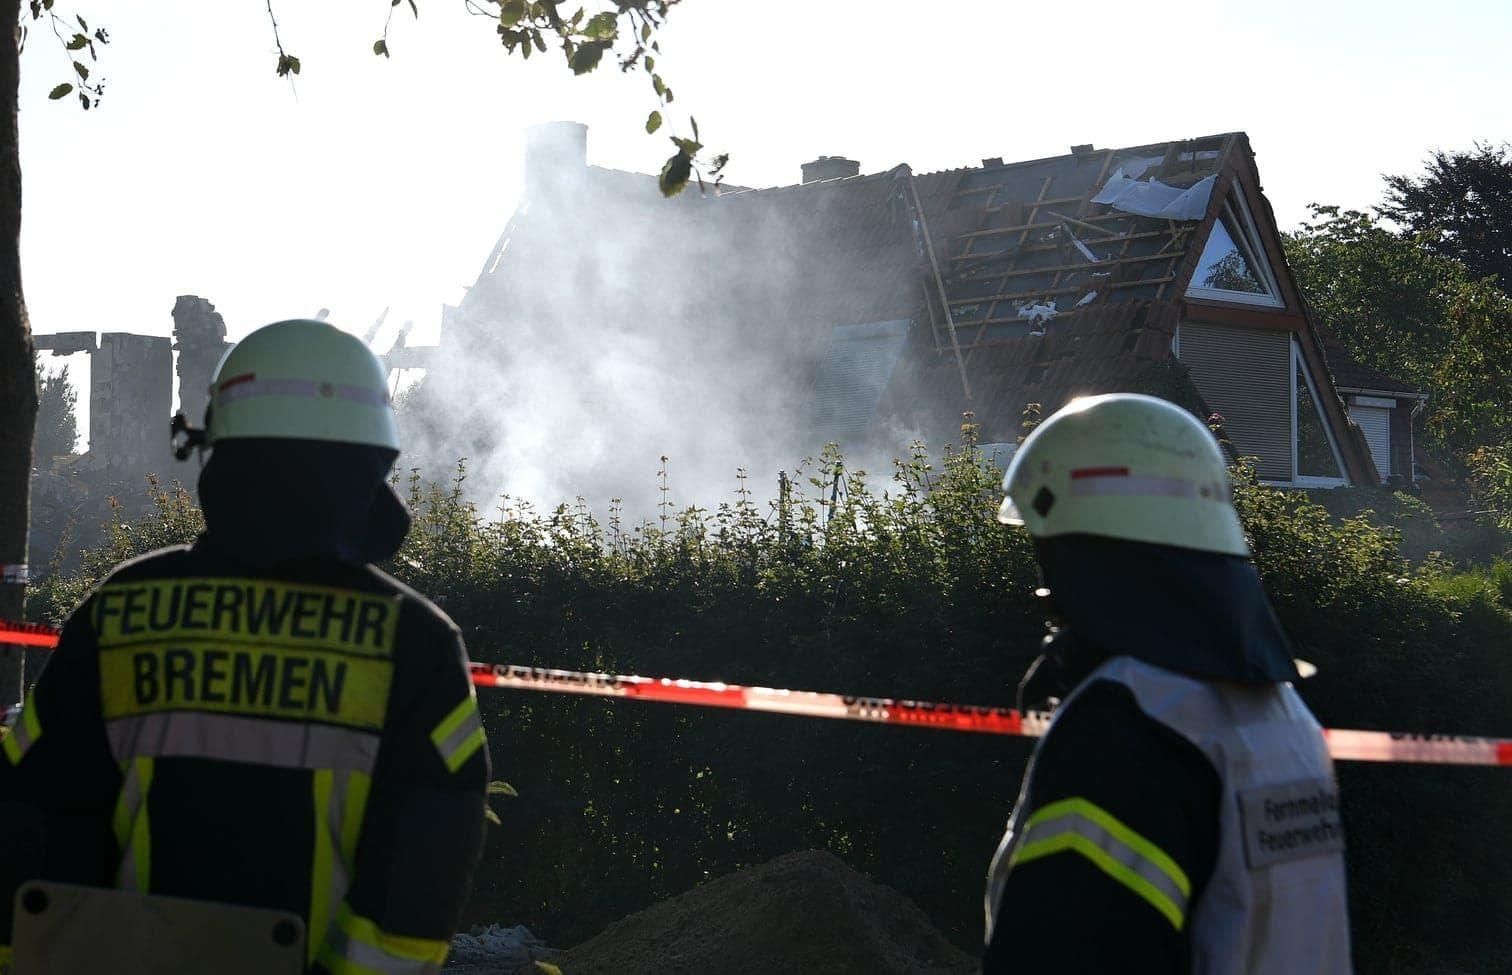 <p>Bei einer Explosion in einem Bremer Wohnhaus sind drei Menschen ums Leben gekommen.</p> Foto: dpa